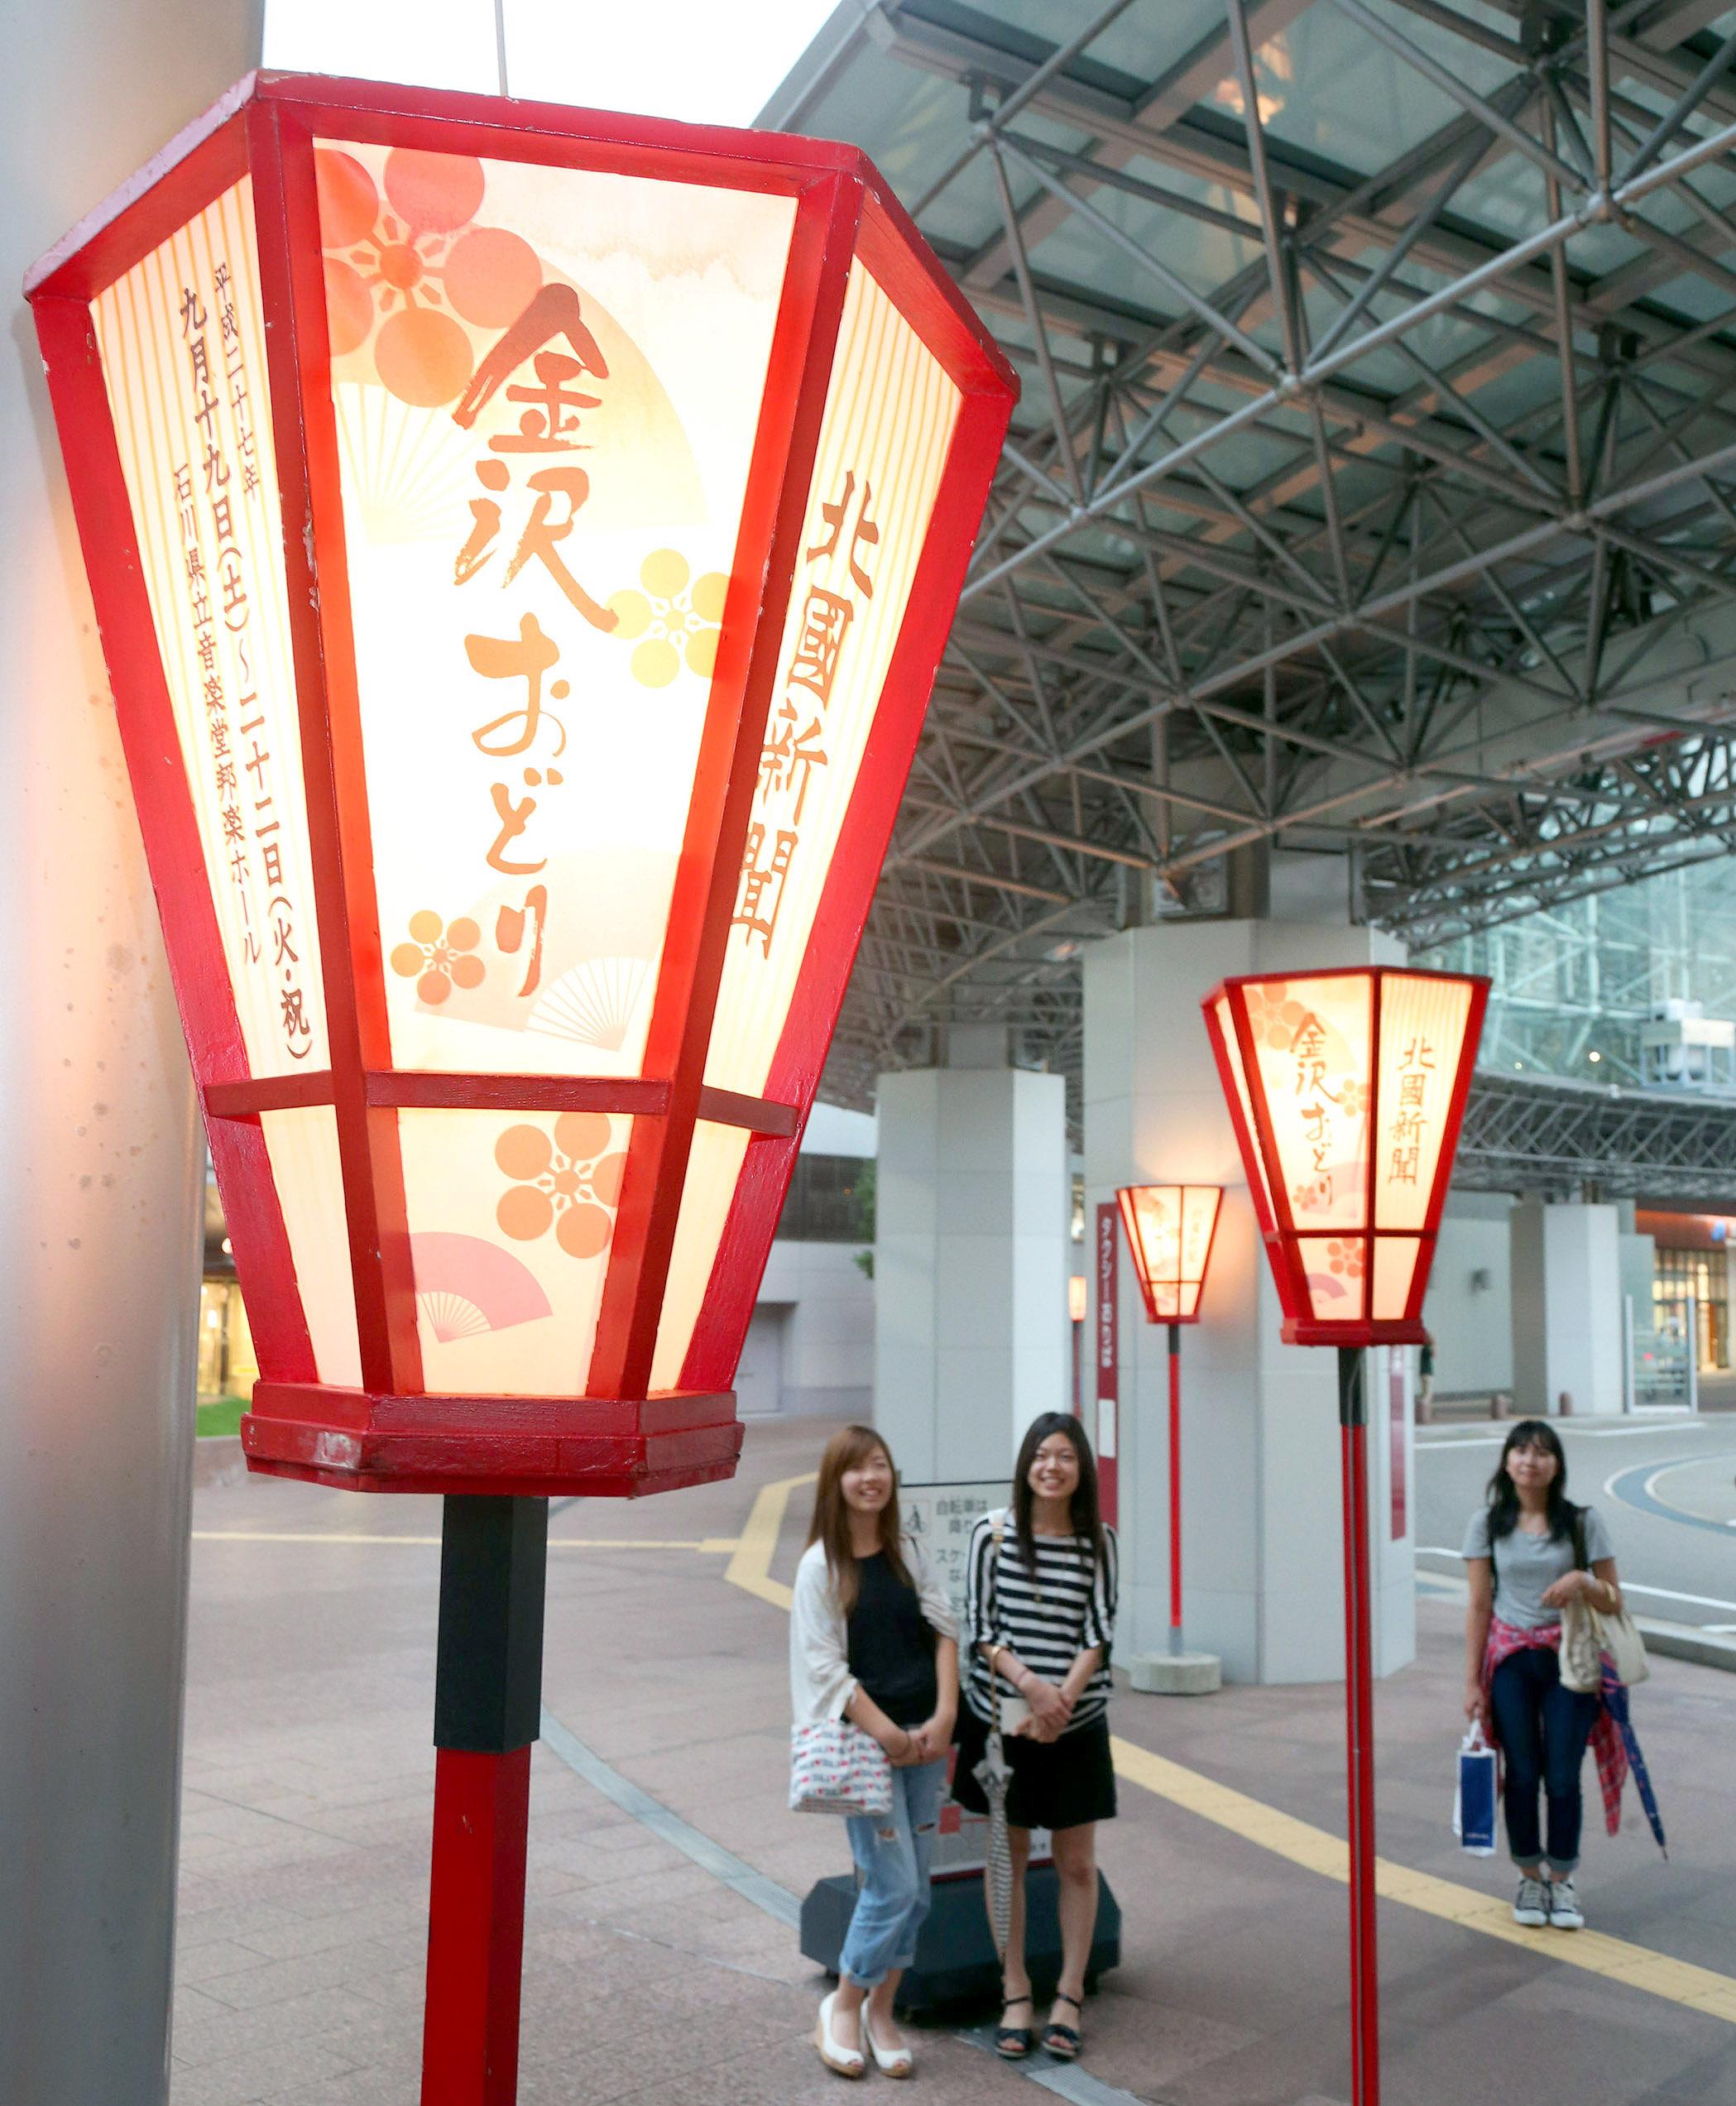 和の情緒を漂わせる金沢おどりのぼんぼり=JR金沢駅もてなしドーム